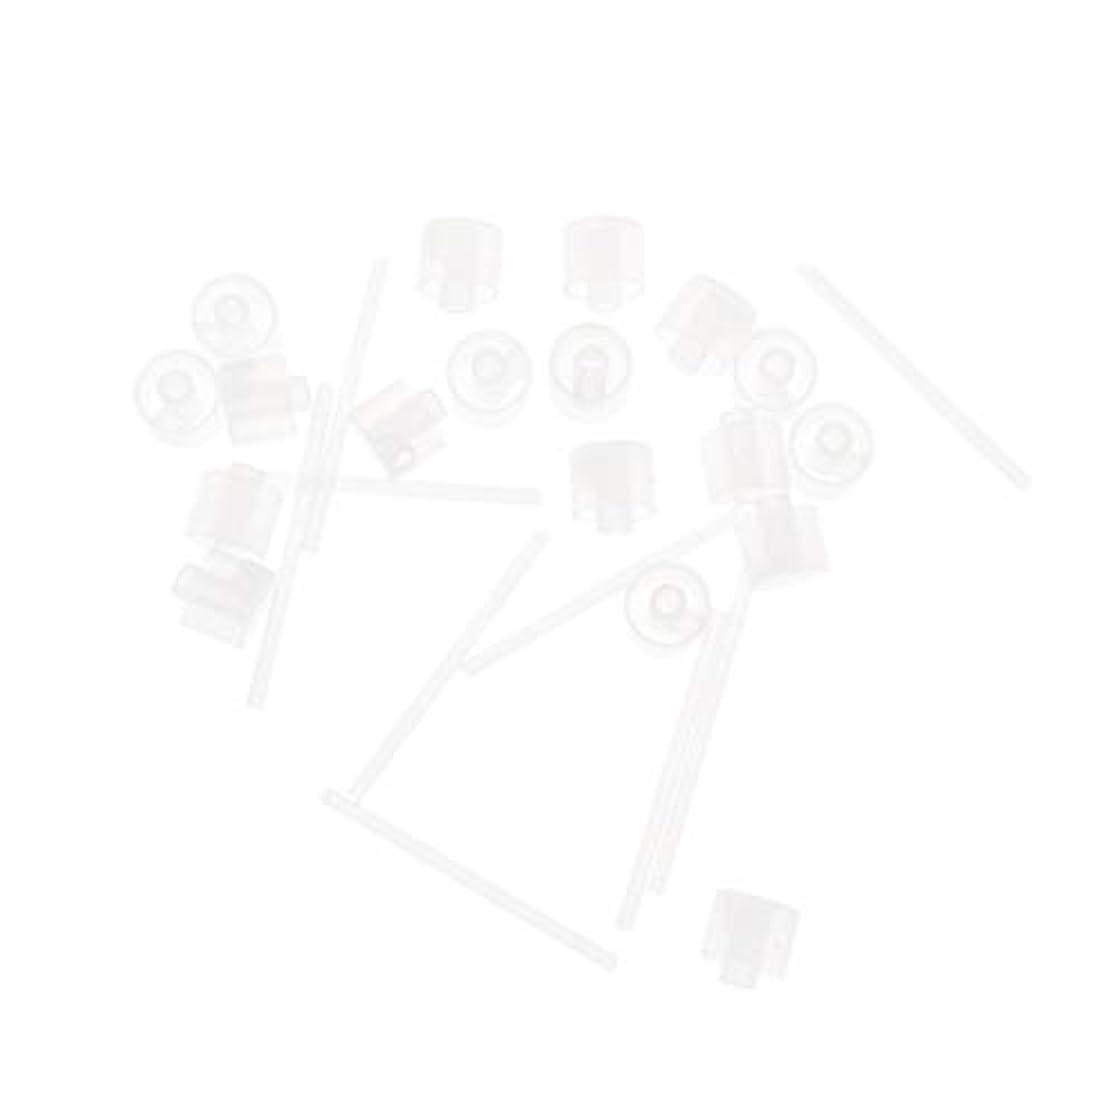 修正する直面する南東Lurrose 20ピースプラスチック香水ポンプディスペンサー香水ディスペンサーツール